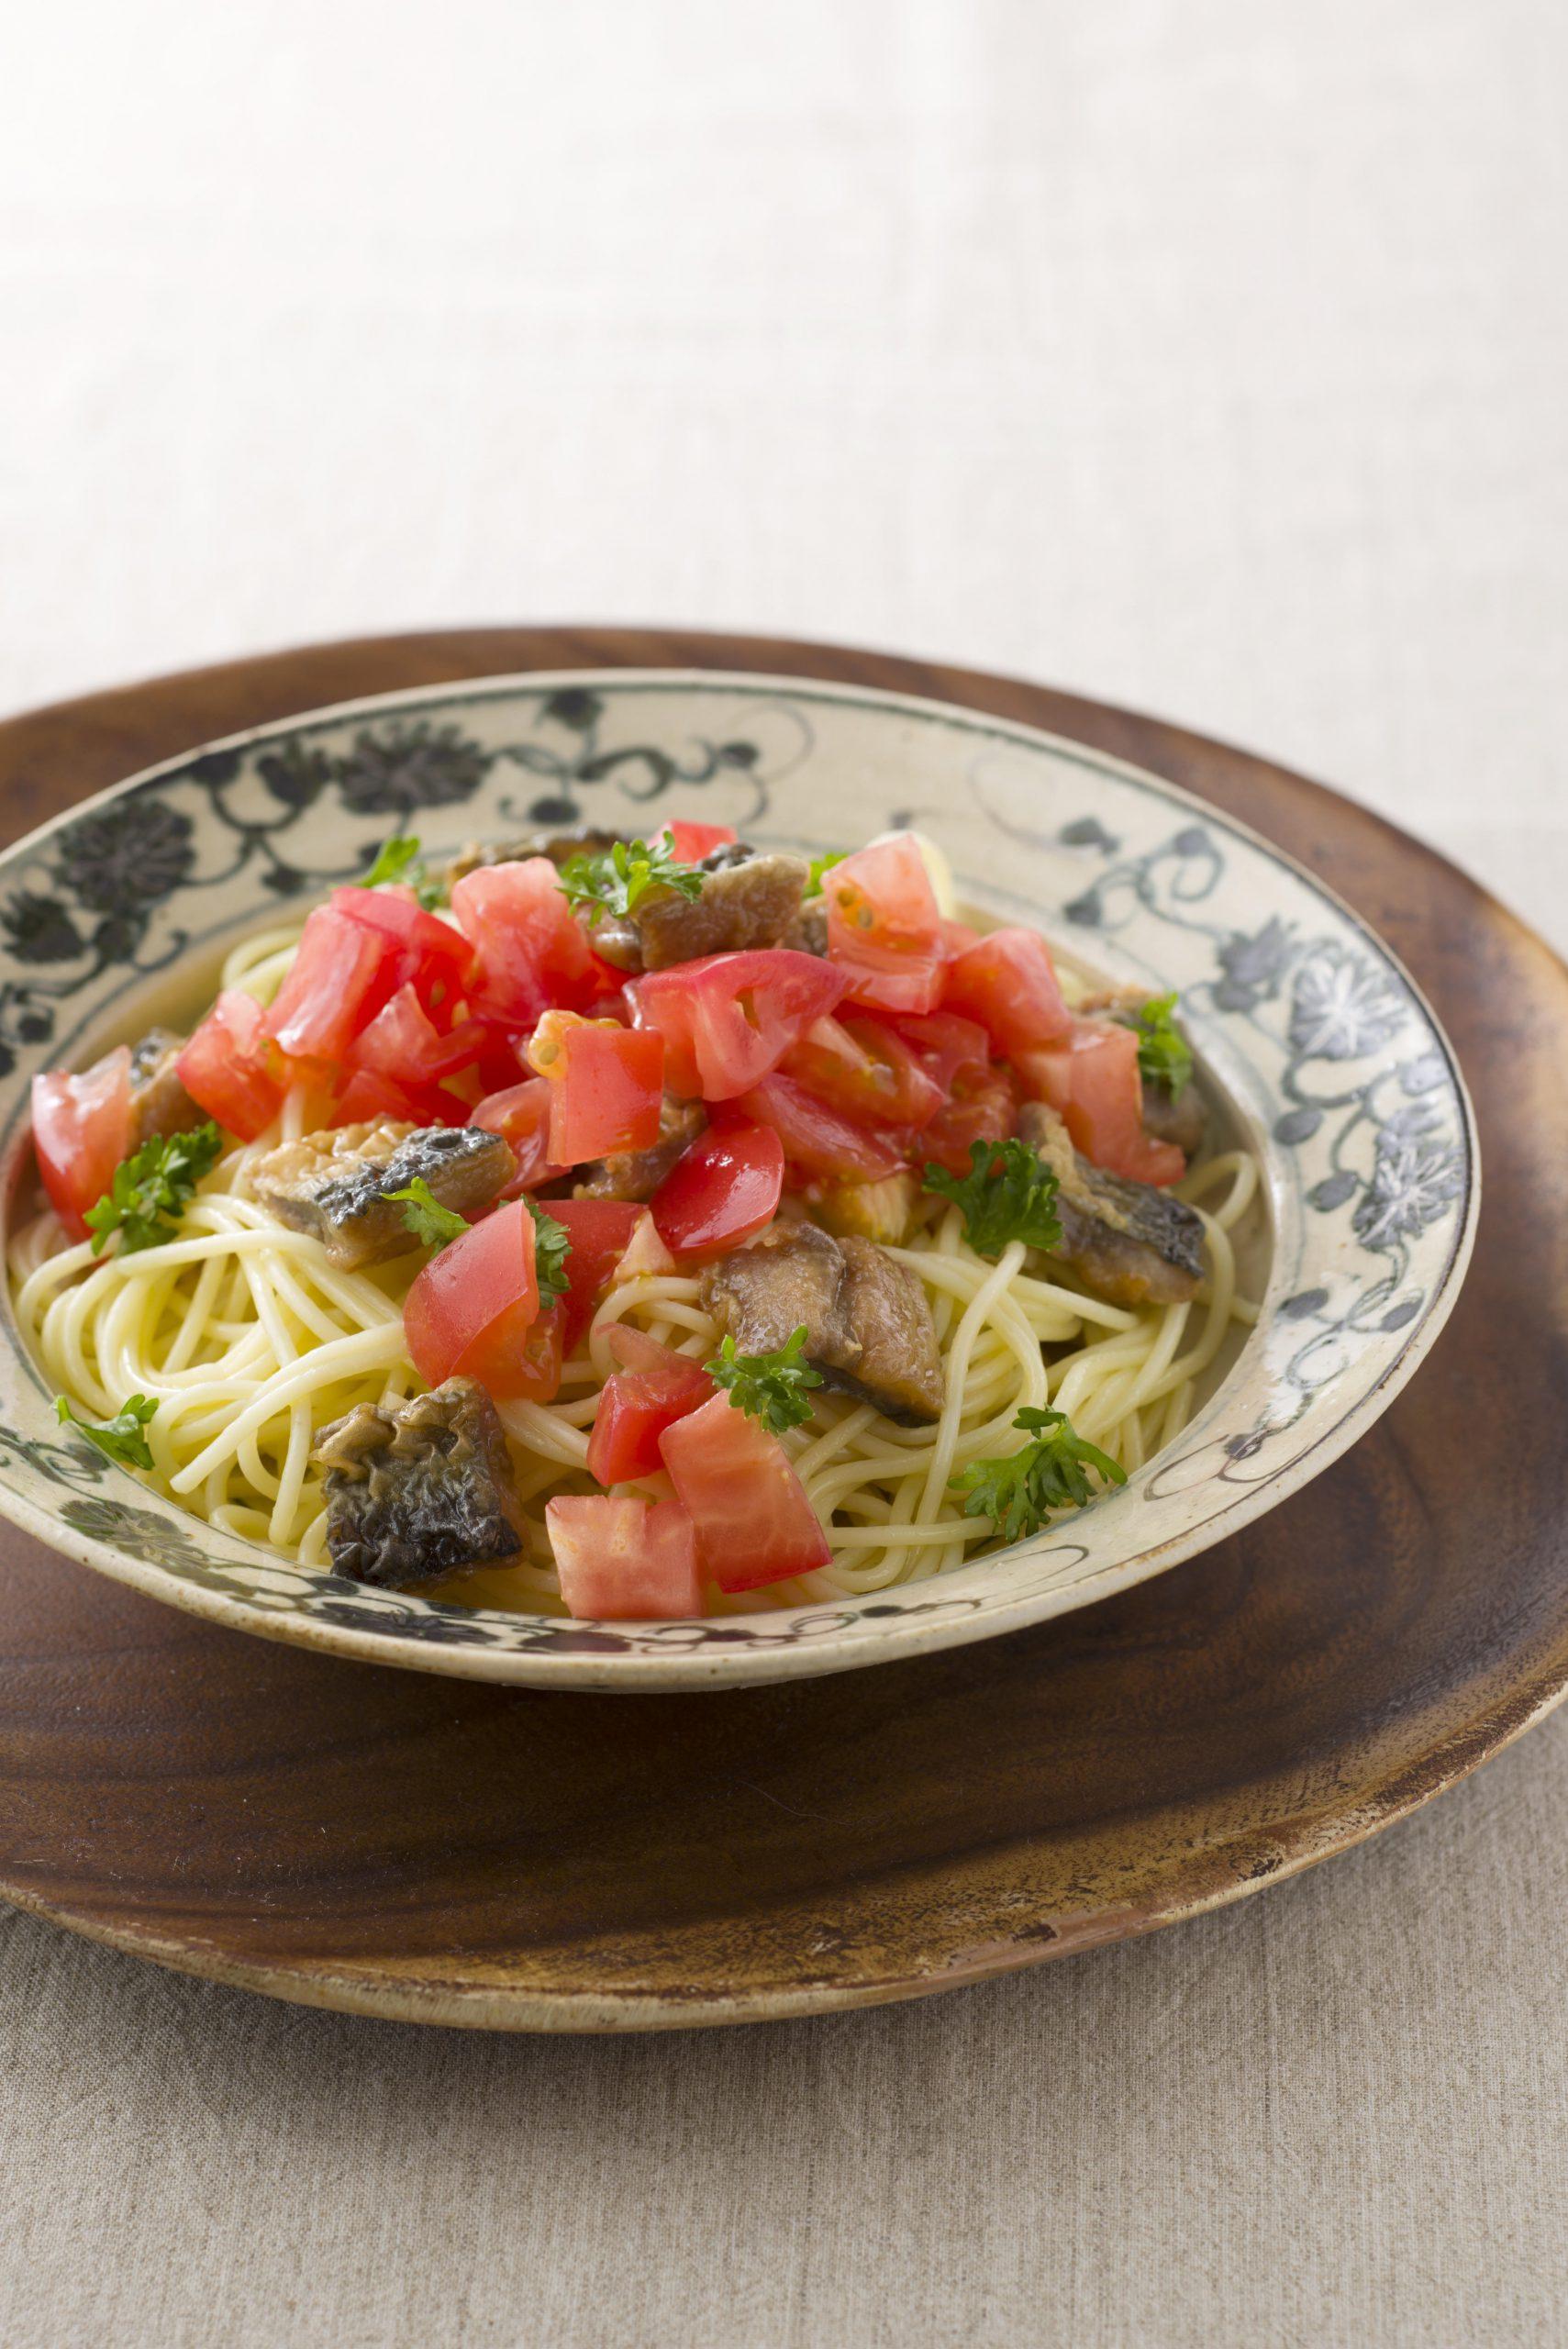 【狭窄症対策レシピ】サンマとトマトのパスタ